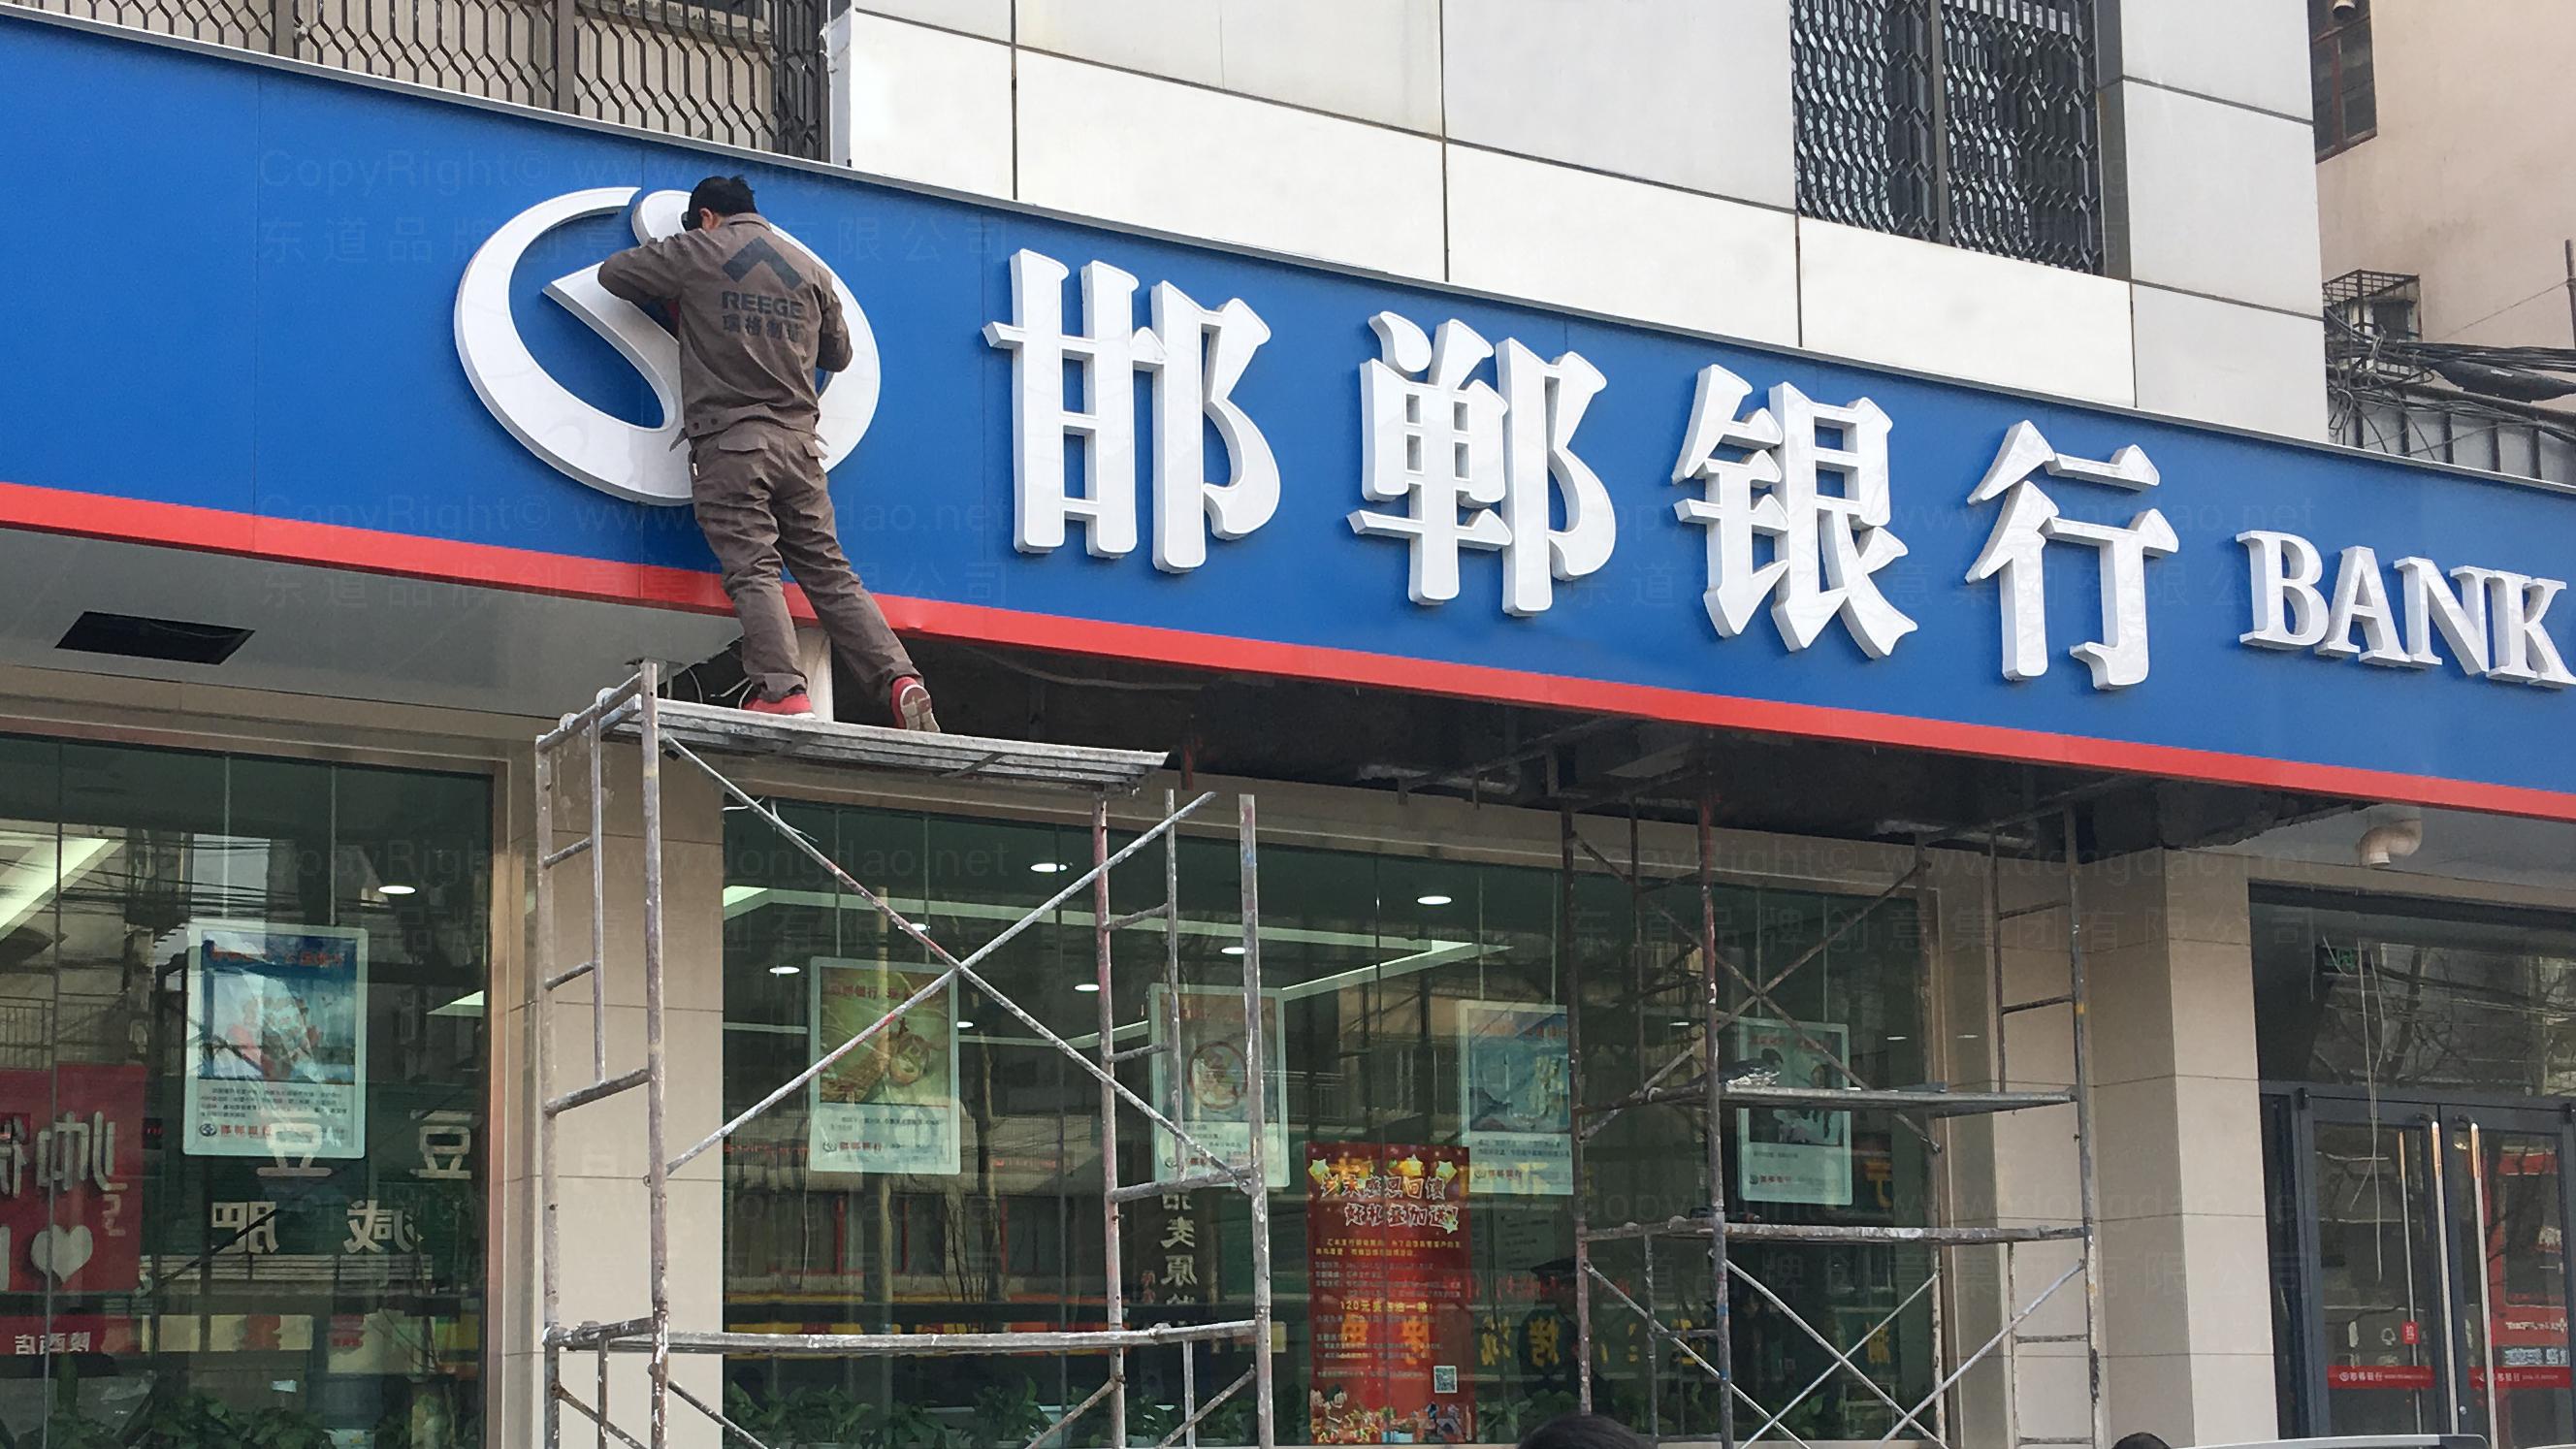 落地工程邯郸银行标识工程应用场景_5